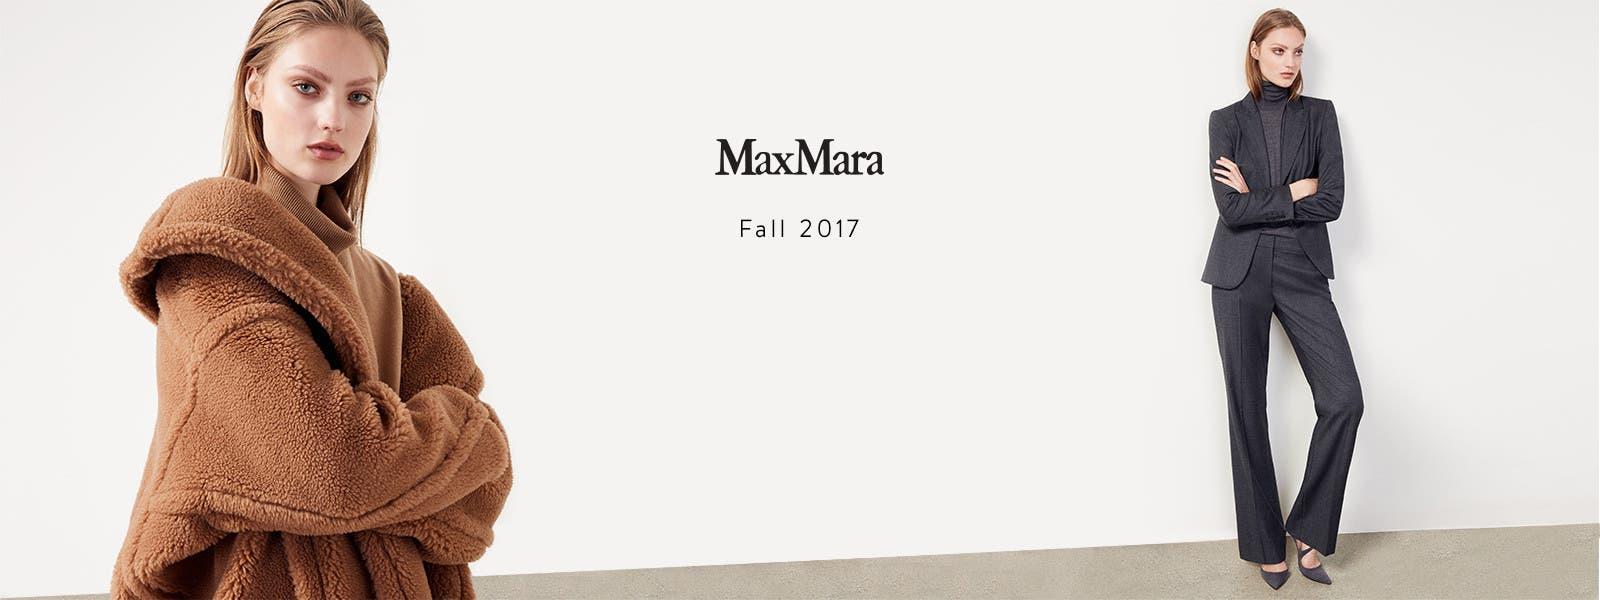 Max Mara fall 2017.